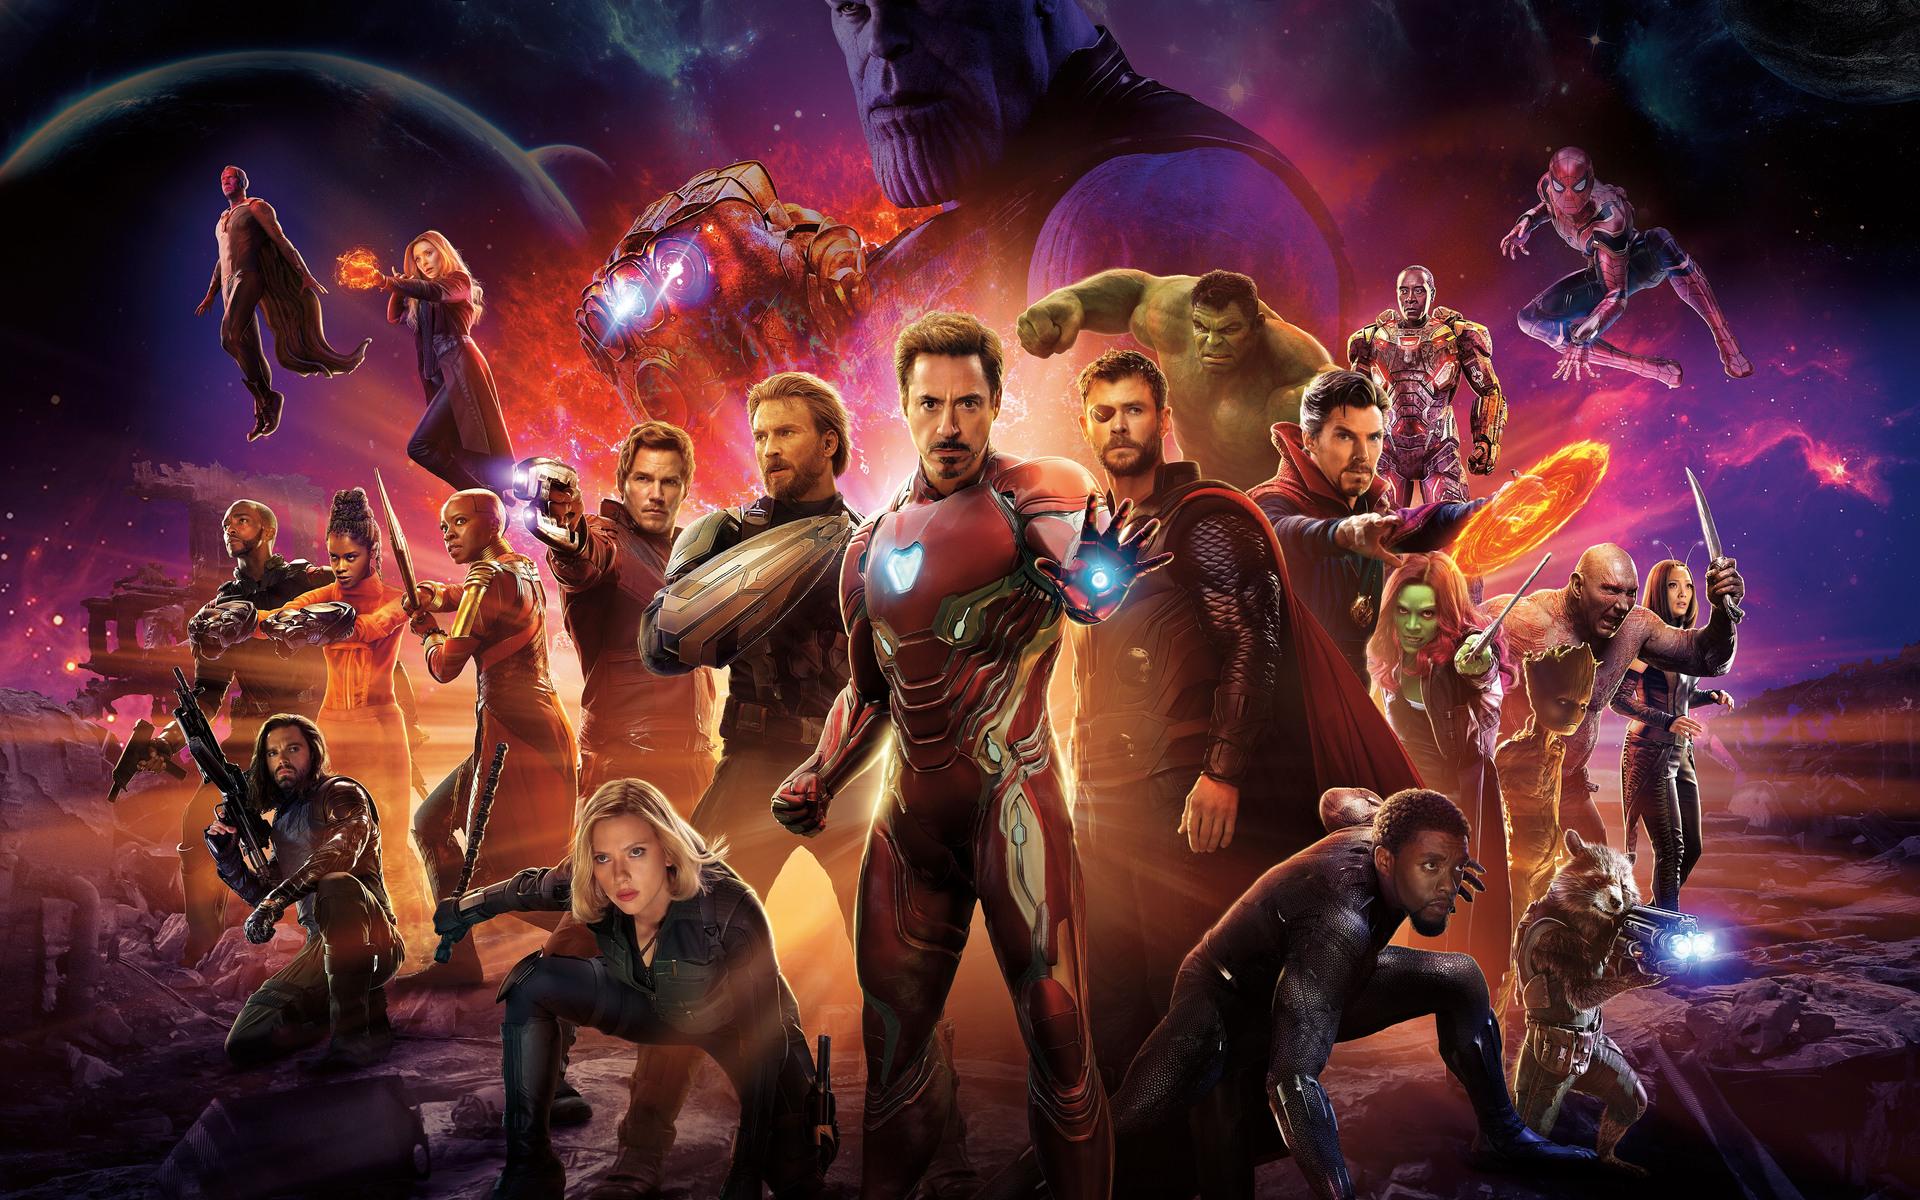 1920x1200 avengers infinity war international poster 10k 1080p